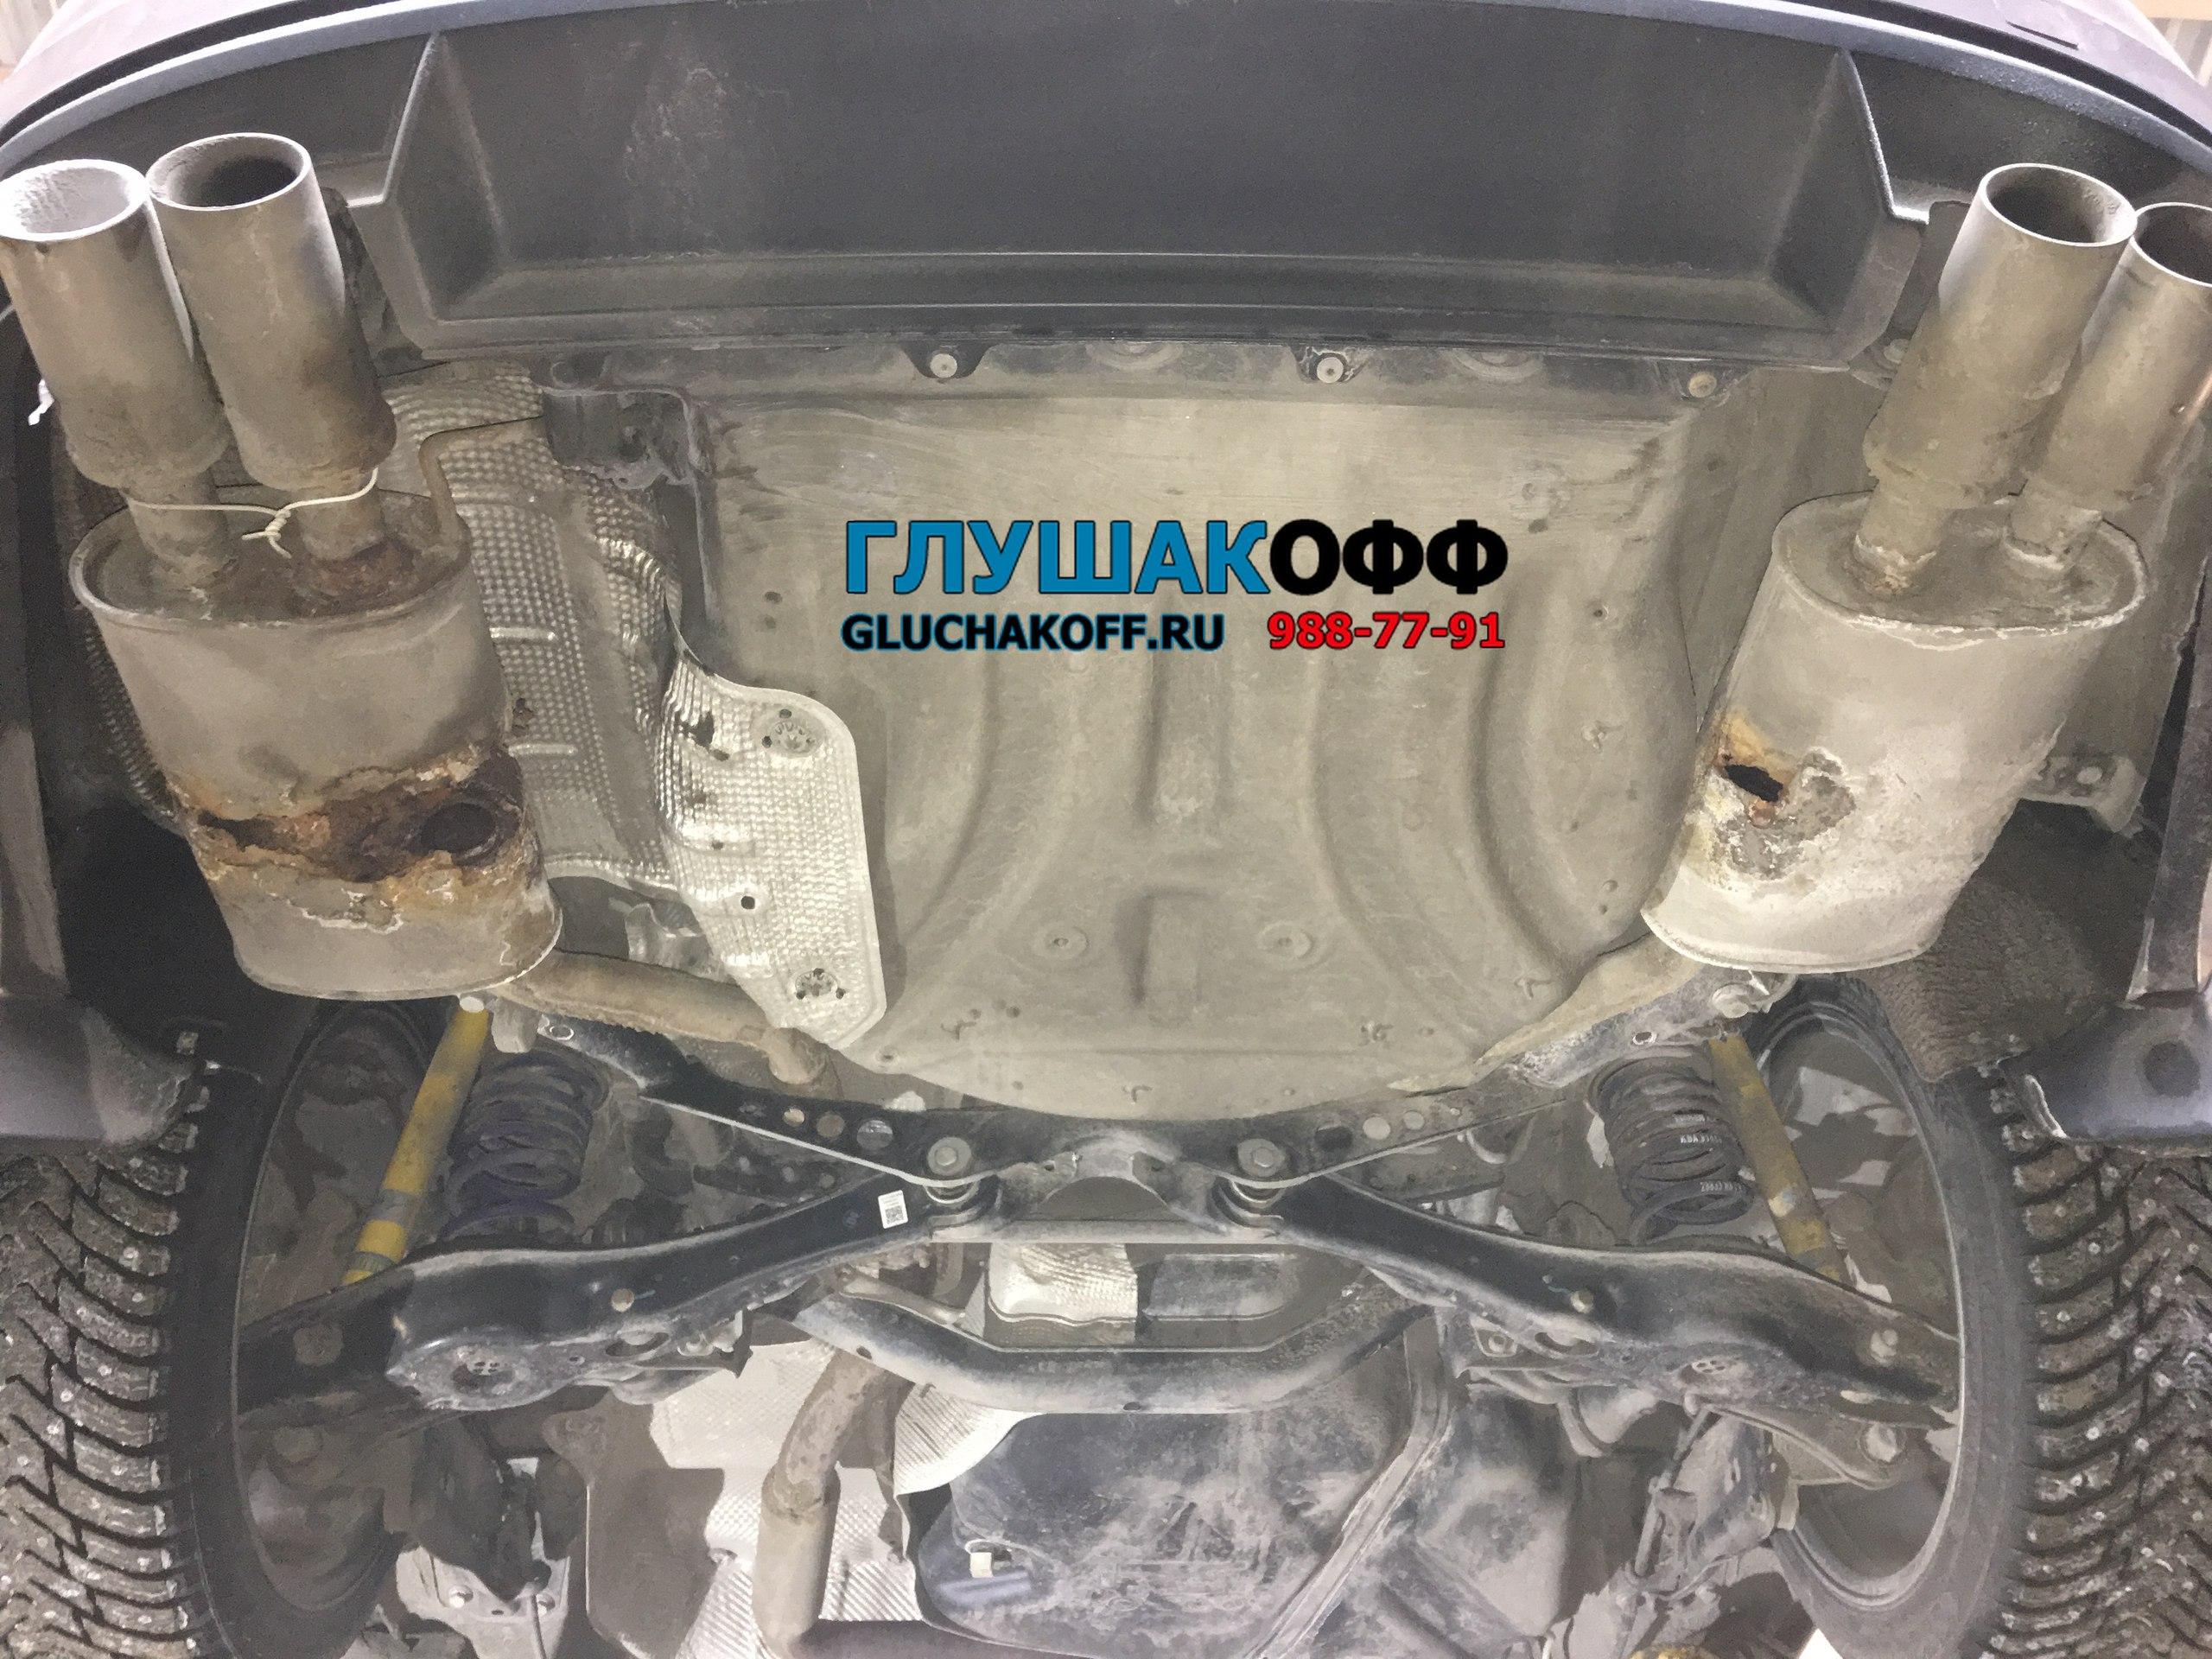 Skoda Octavia A7 - Custom-тюнинг выхлопной системы